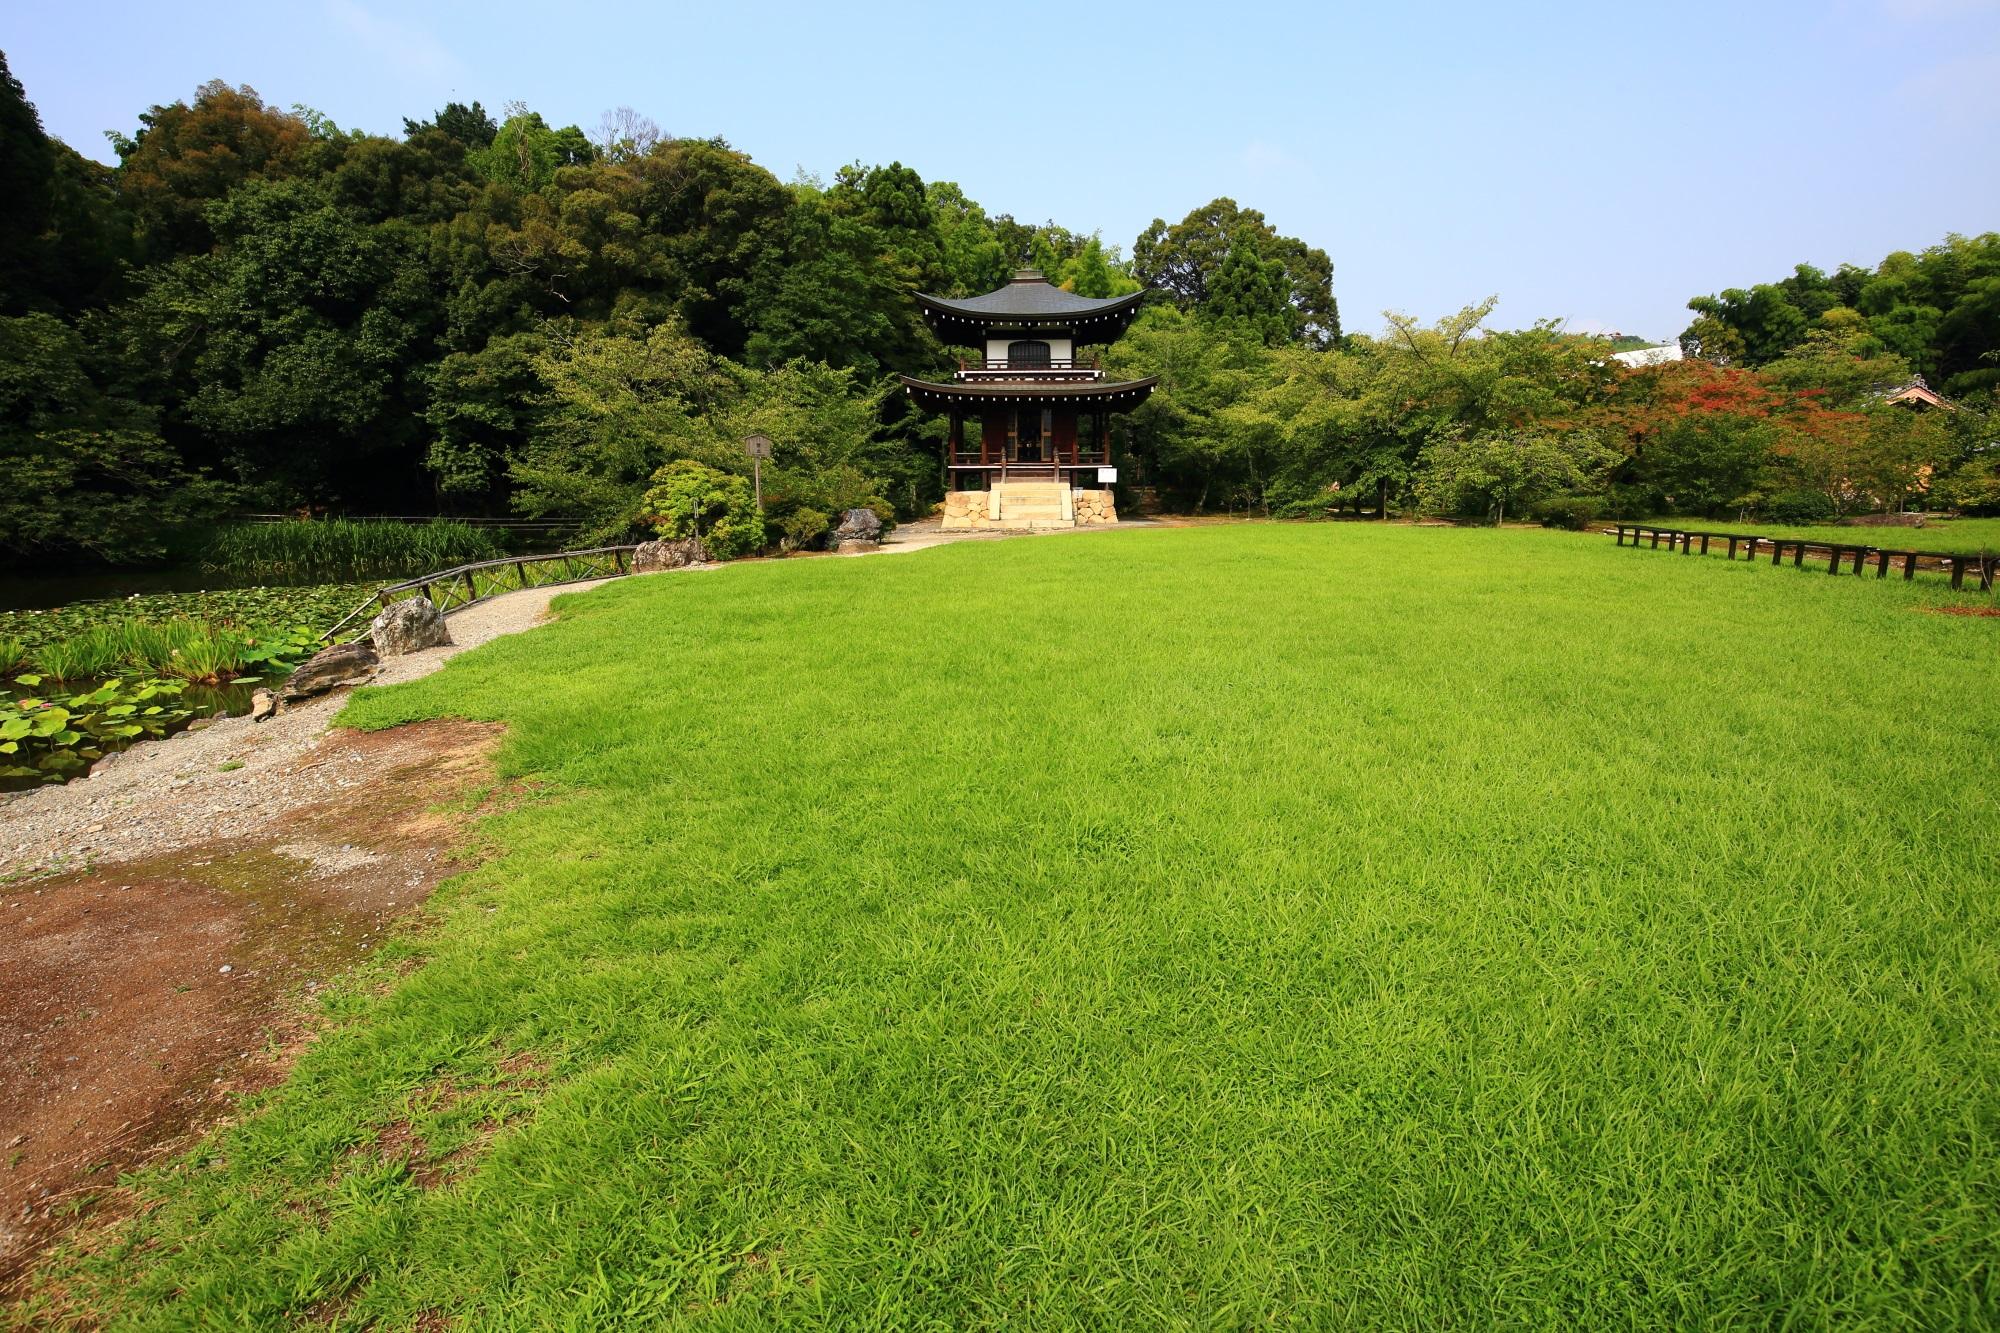 勧修寺の観音堂と広がる緑の芝生